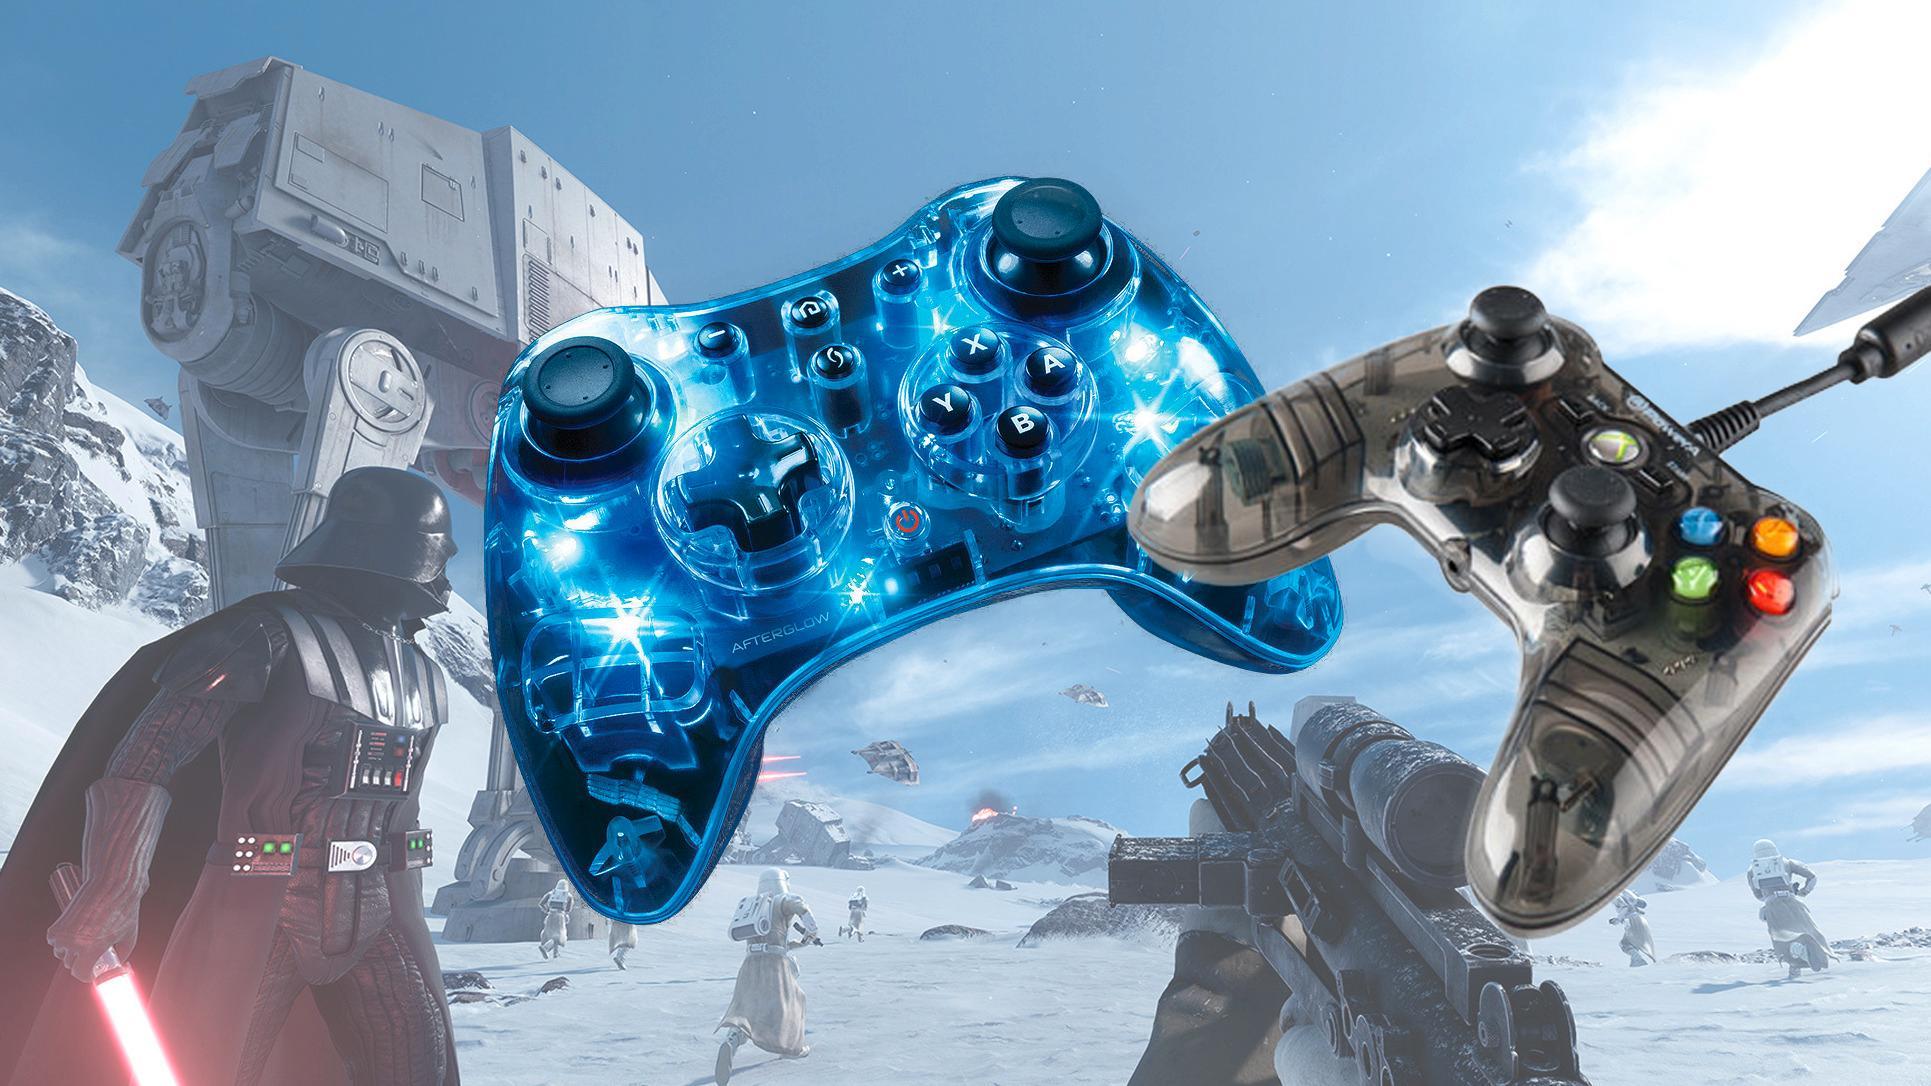 Spillkonsoll-kontrollere kan være skadelig for barna dine